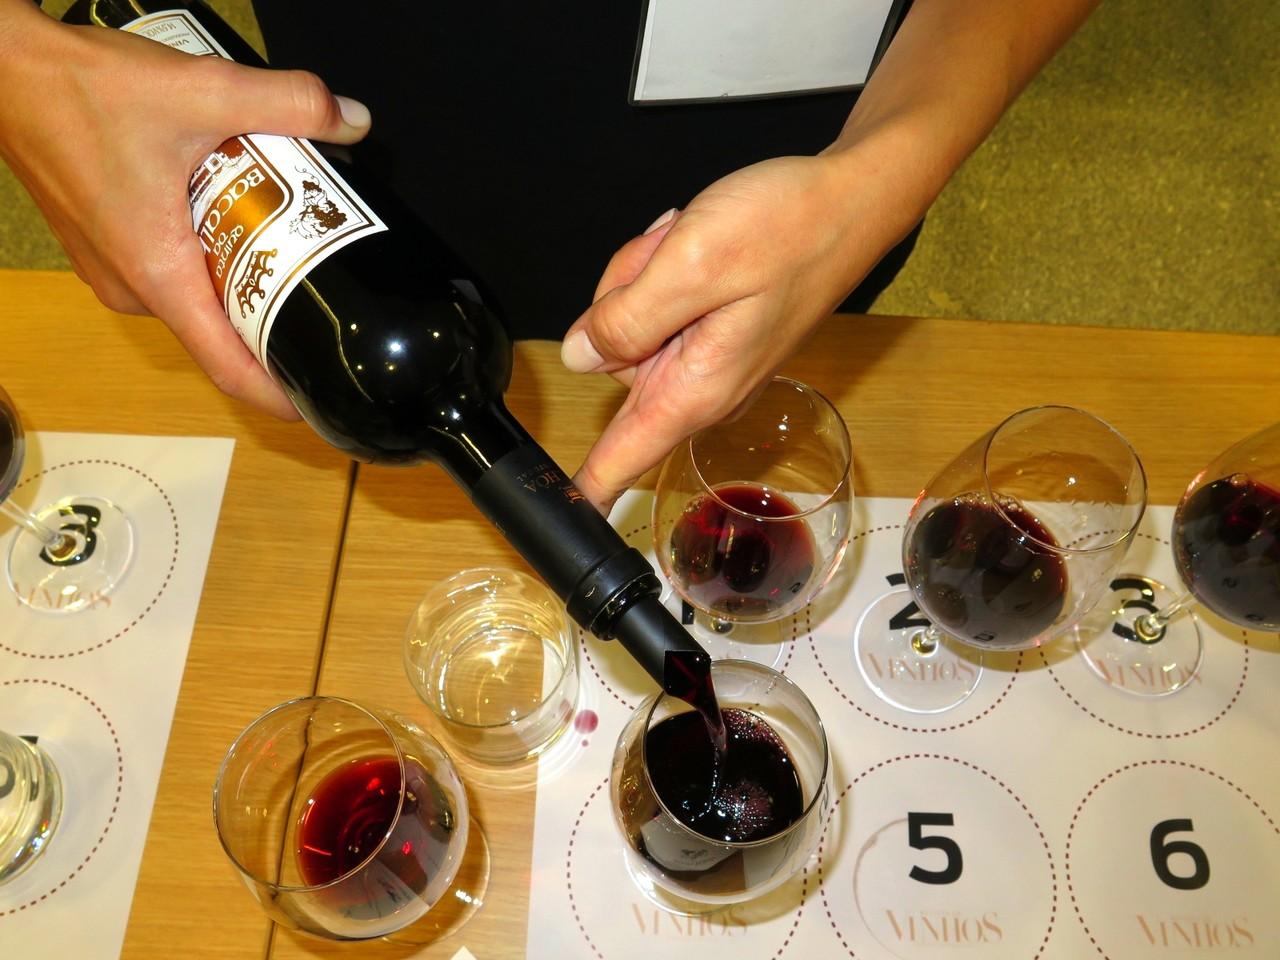 10 vinhos, 4 décadas